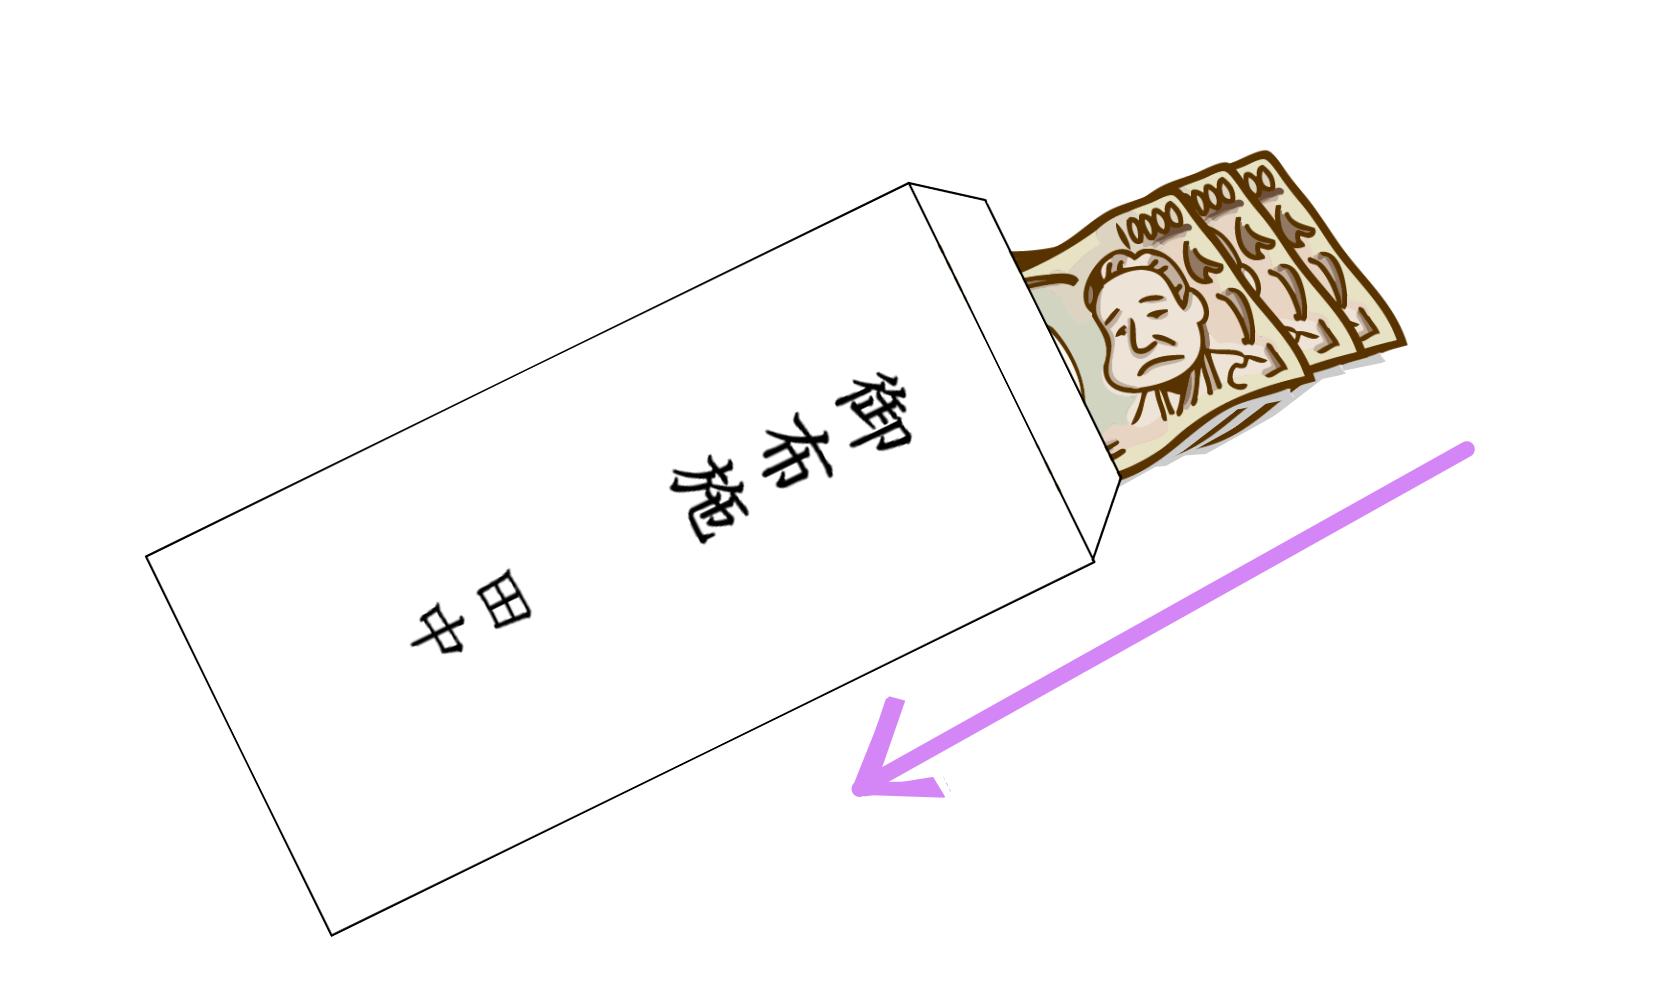 (5)お札は福沢諭吉が上・最後になるよう入れる